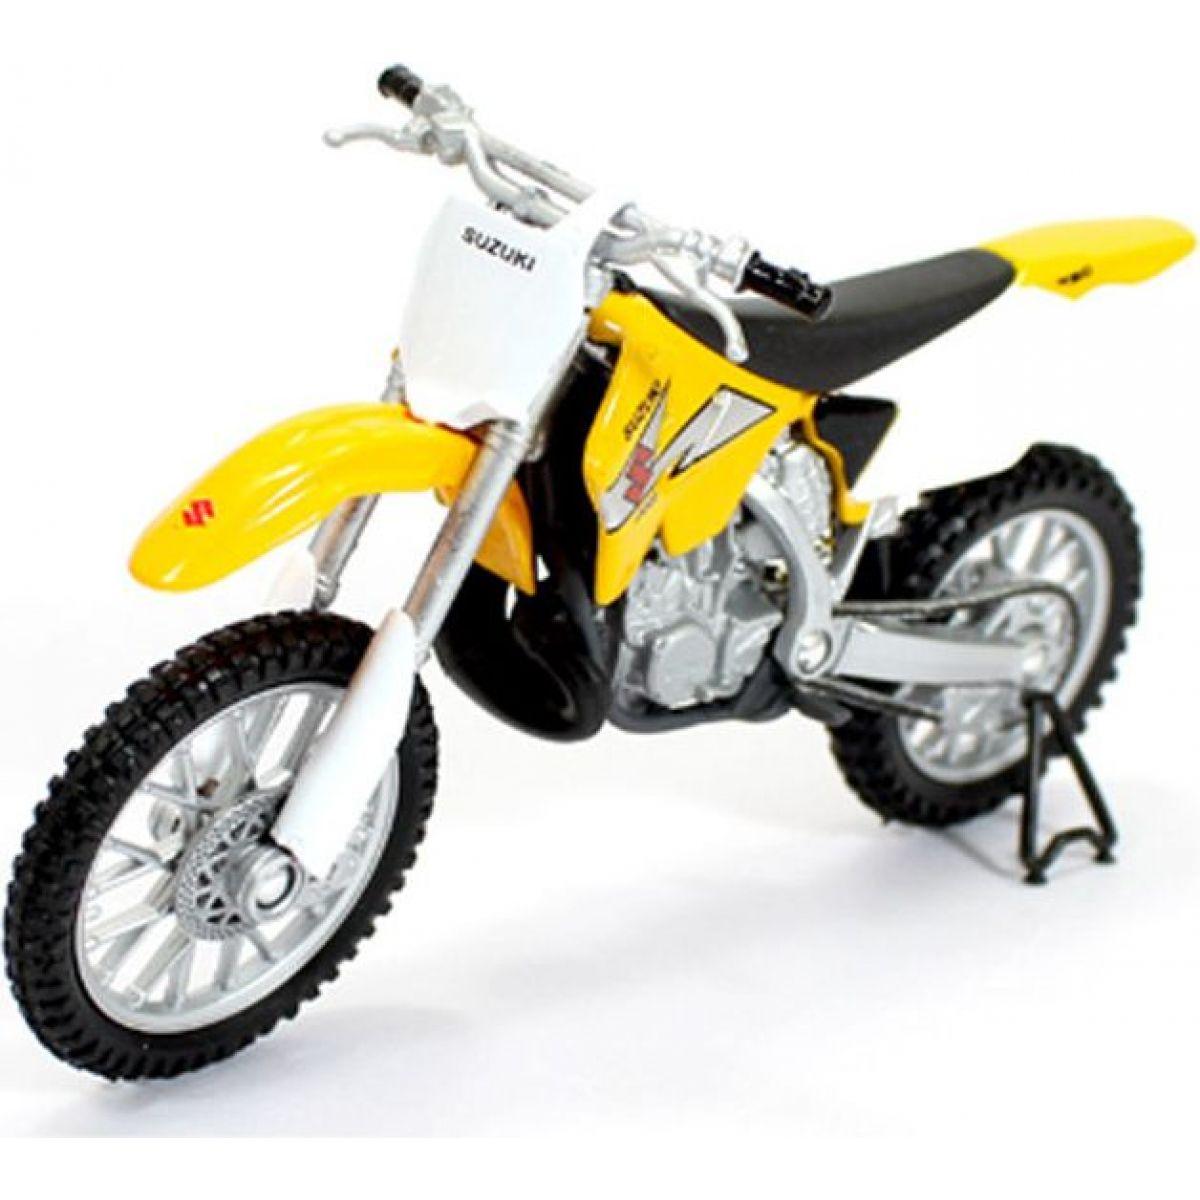 Dromader Welly Motorka 11cm - Suzuki RM250